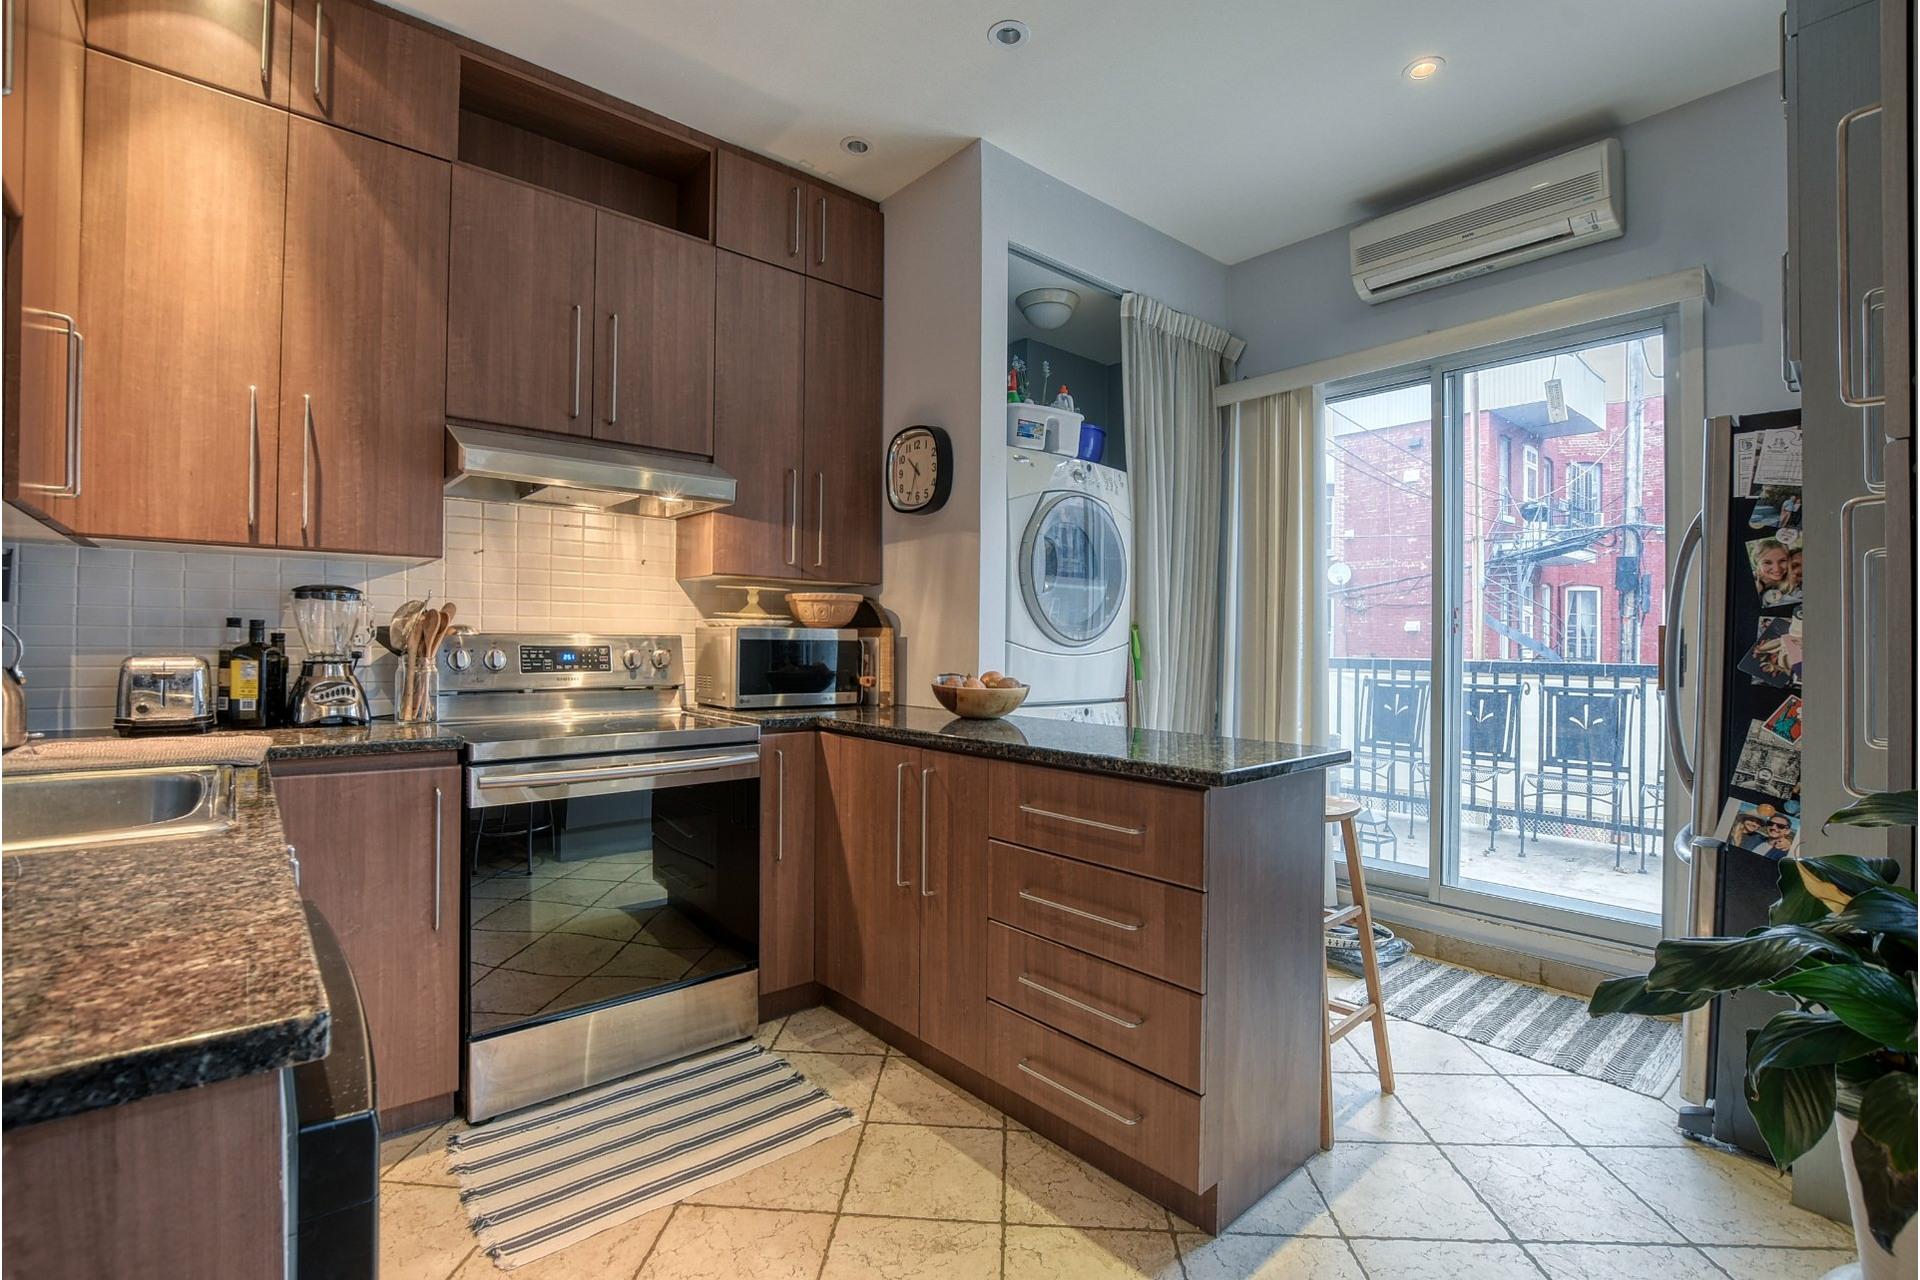 image 2 - Appartement À vendre Le Sud-Ouest Montréal  - 5 pièces